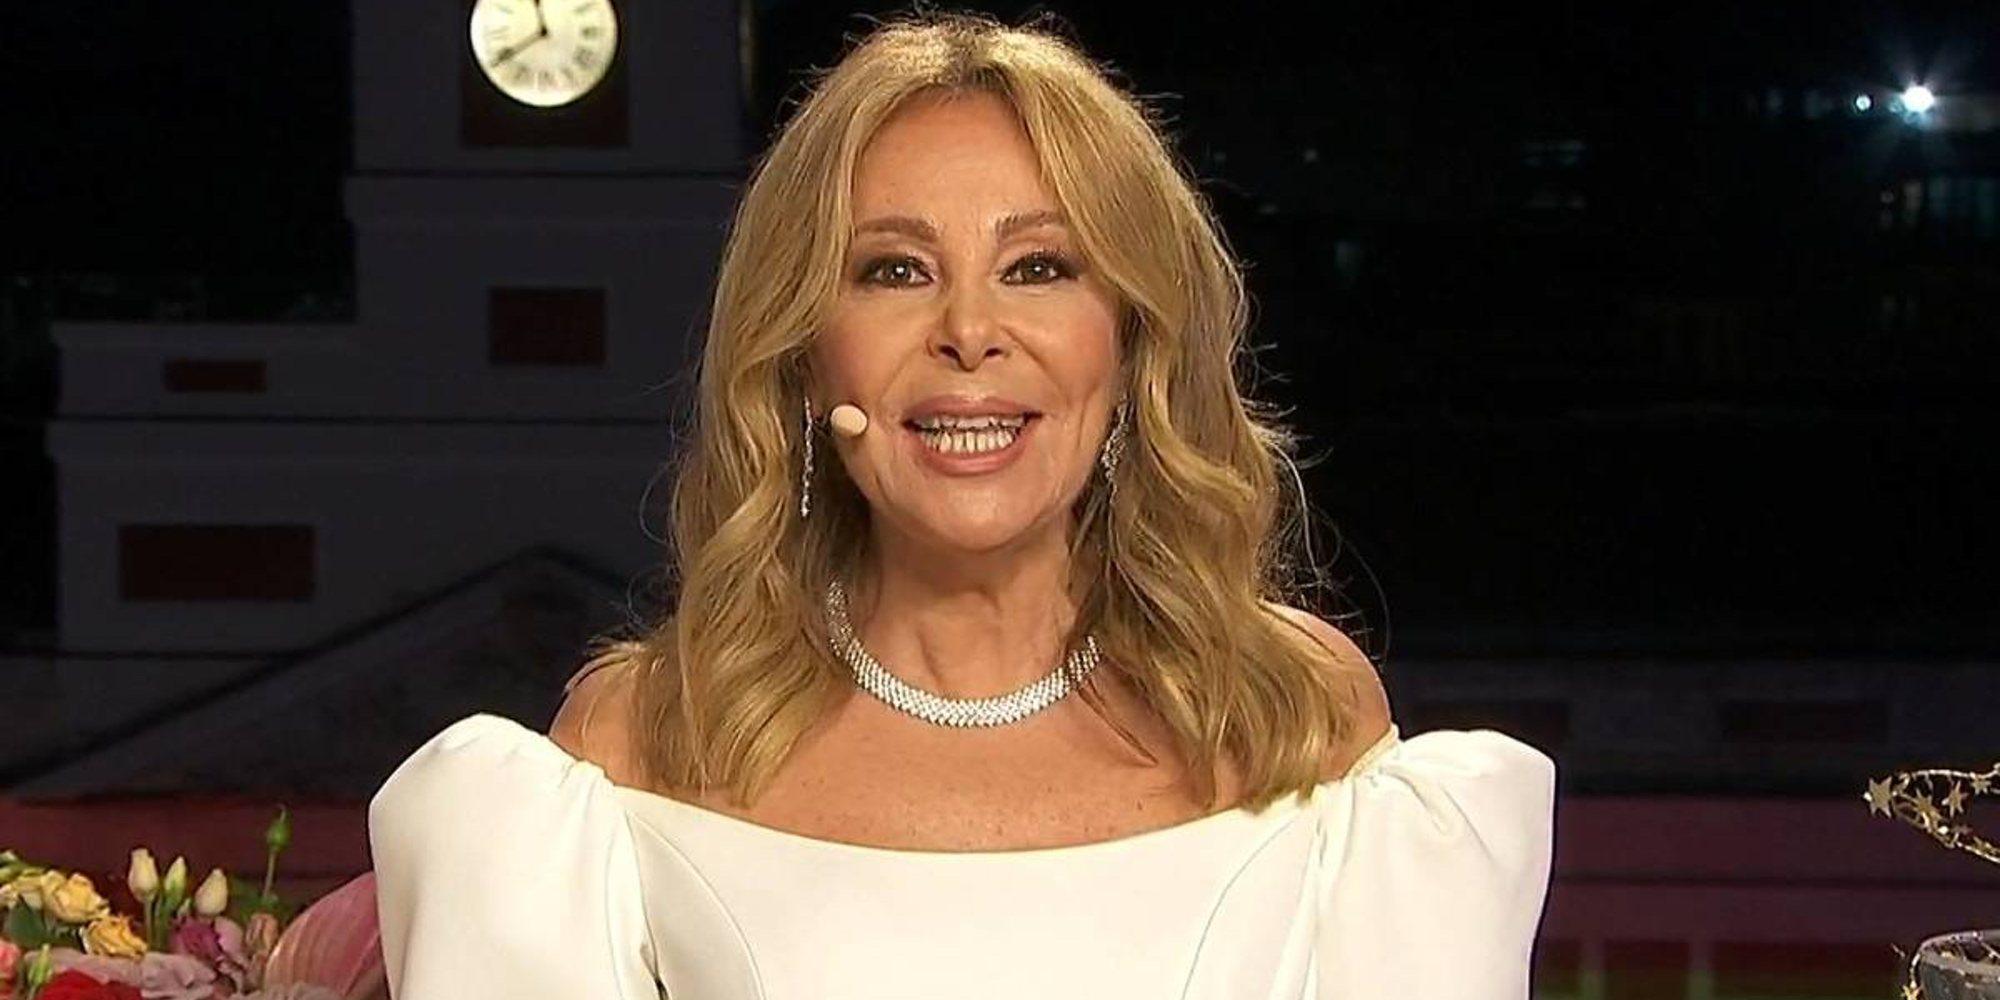 El recuerdo de Álex Lequio: el detalle que marcó la reaparición de Ana Obregón en televisión